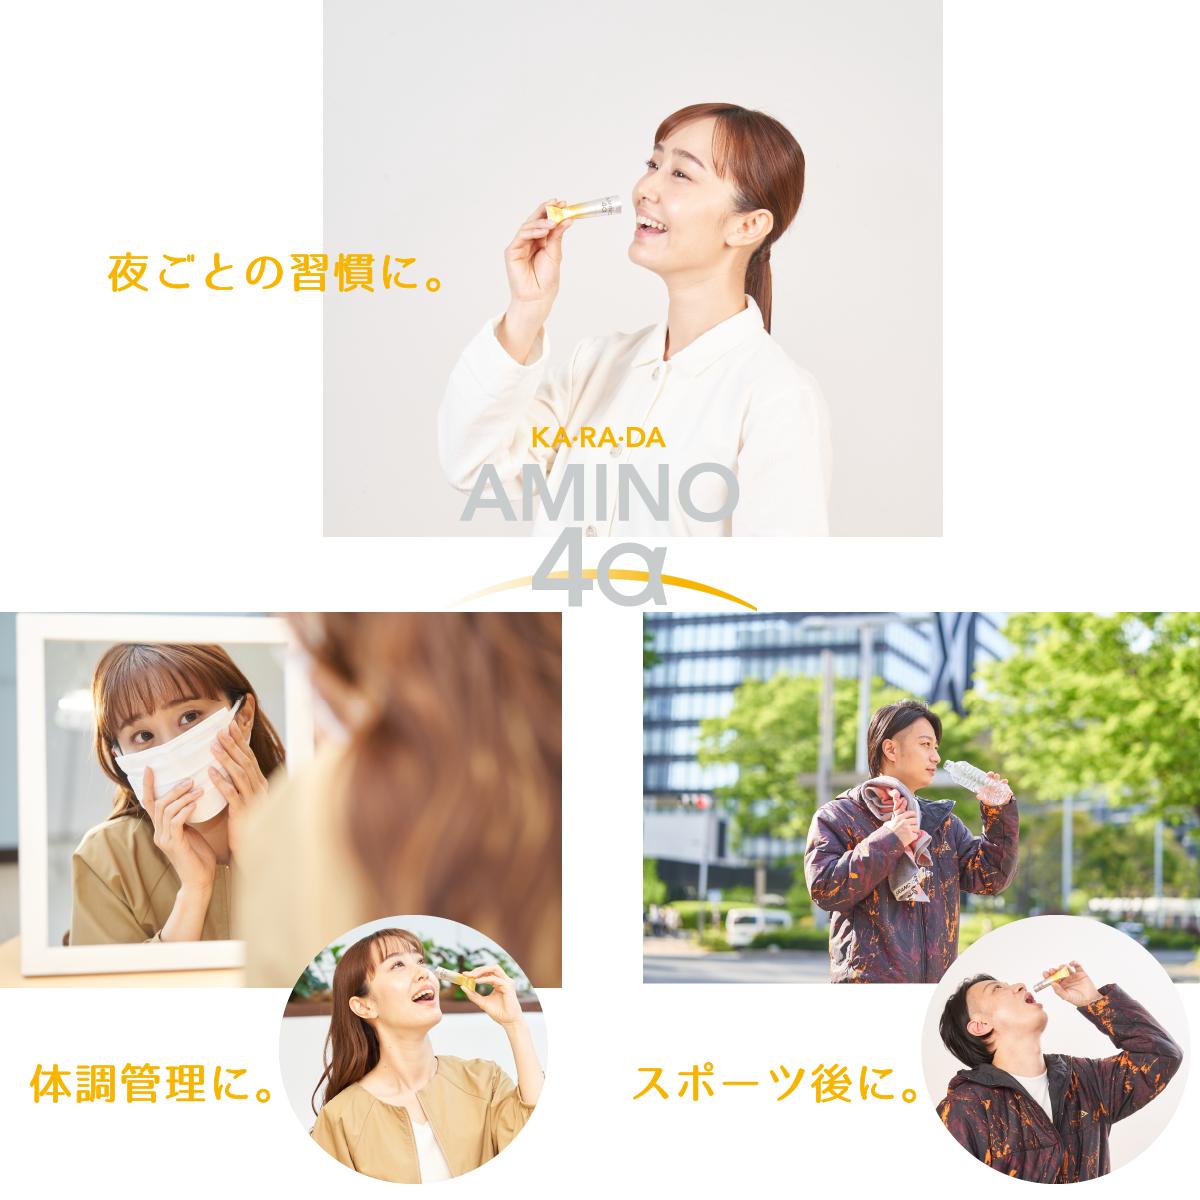 アミノ酸画像11